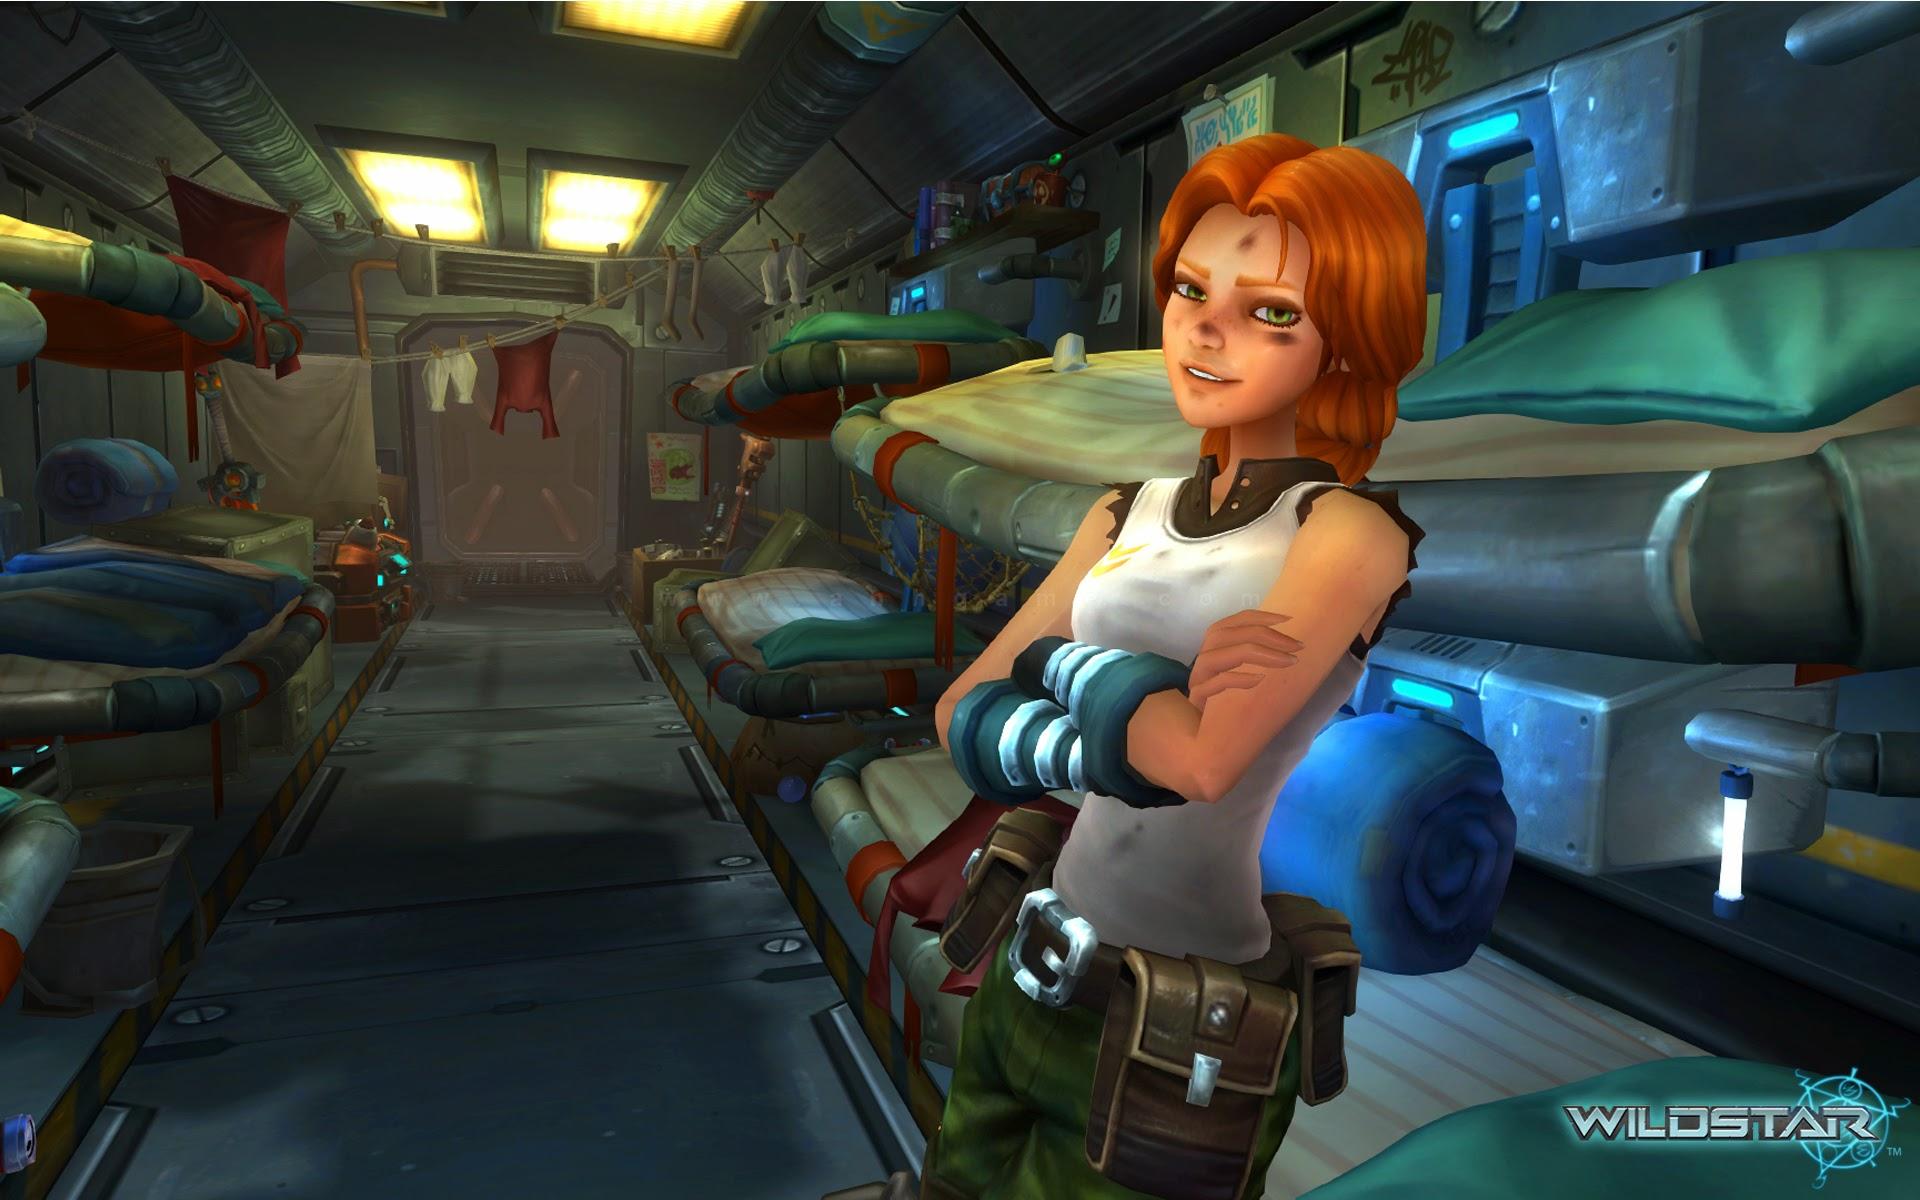 Loạt hình nền đẹp mắt của MMORPG Wild Star - Ảnh 9